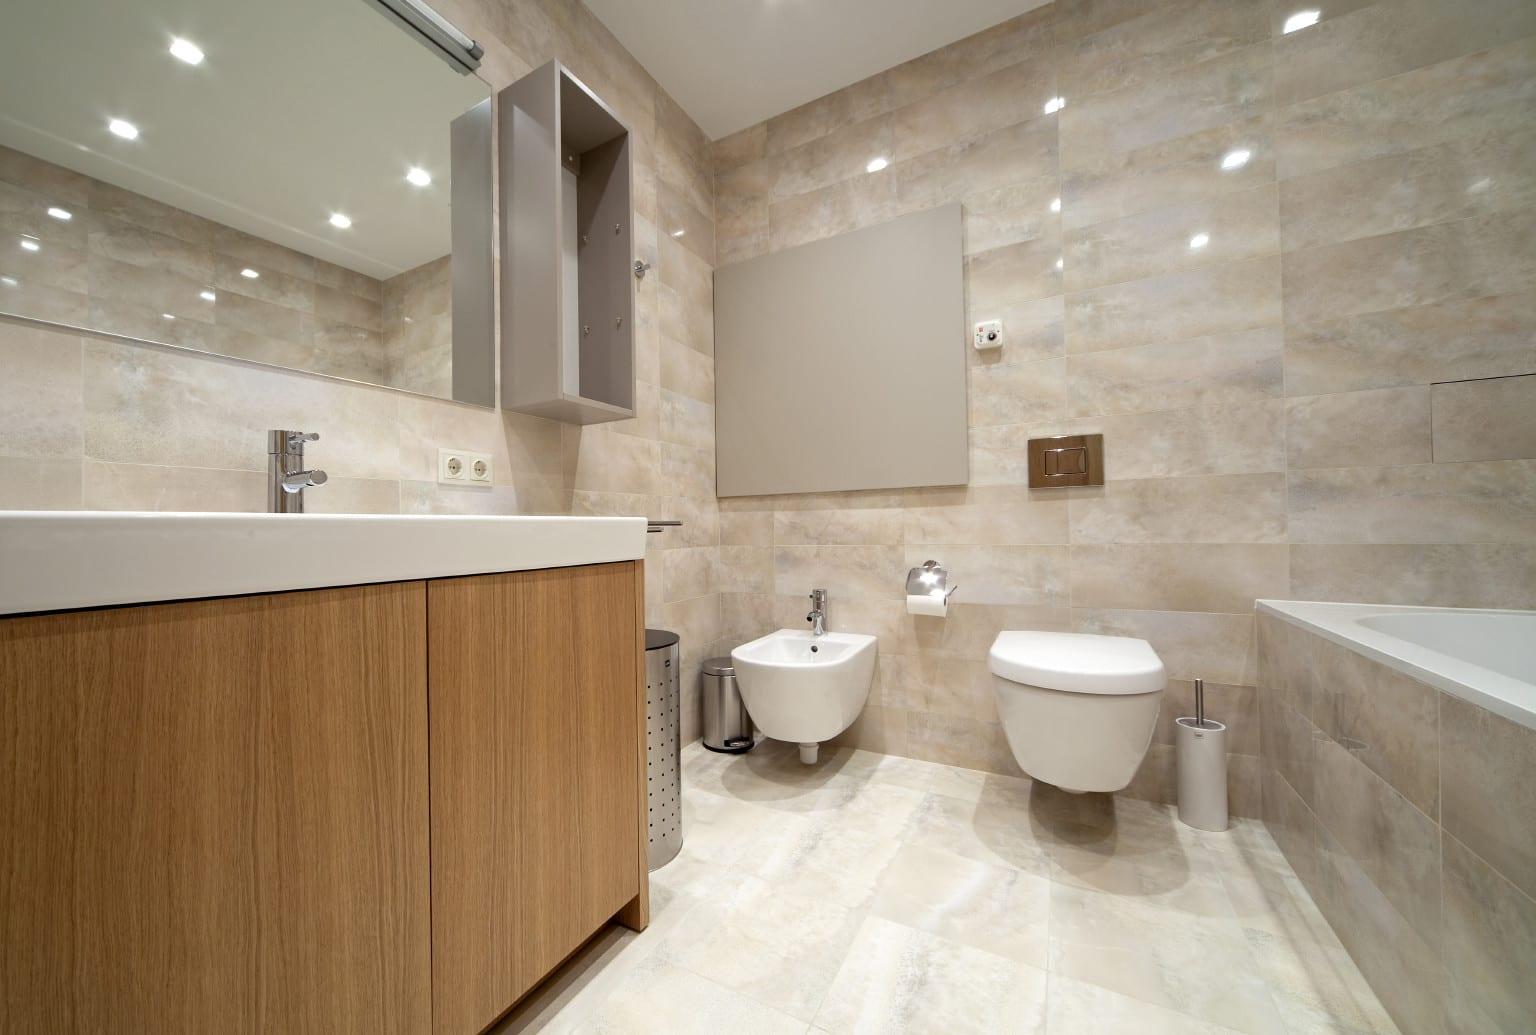 sanierung der badezimmer_planung und kosten einer badrenovierung